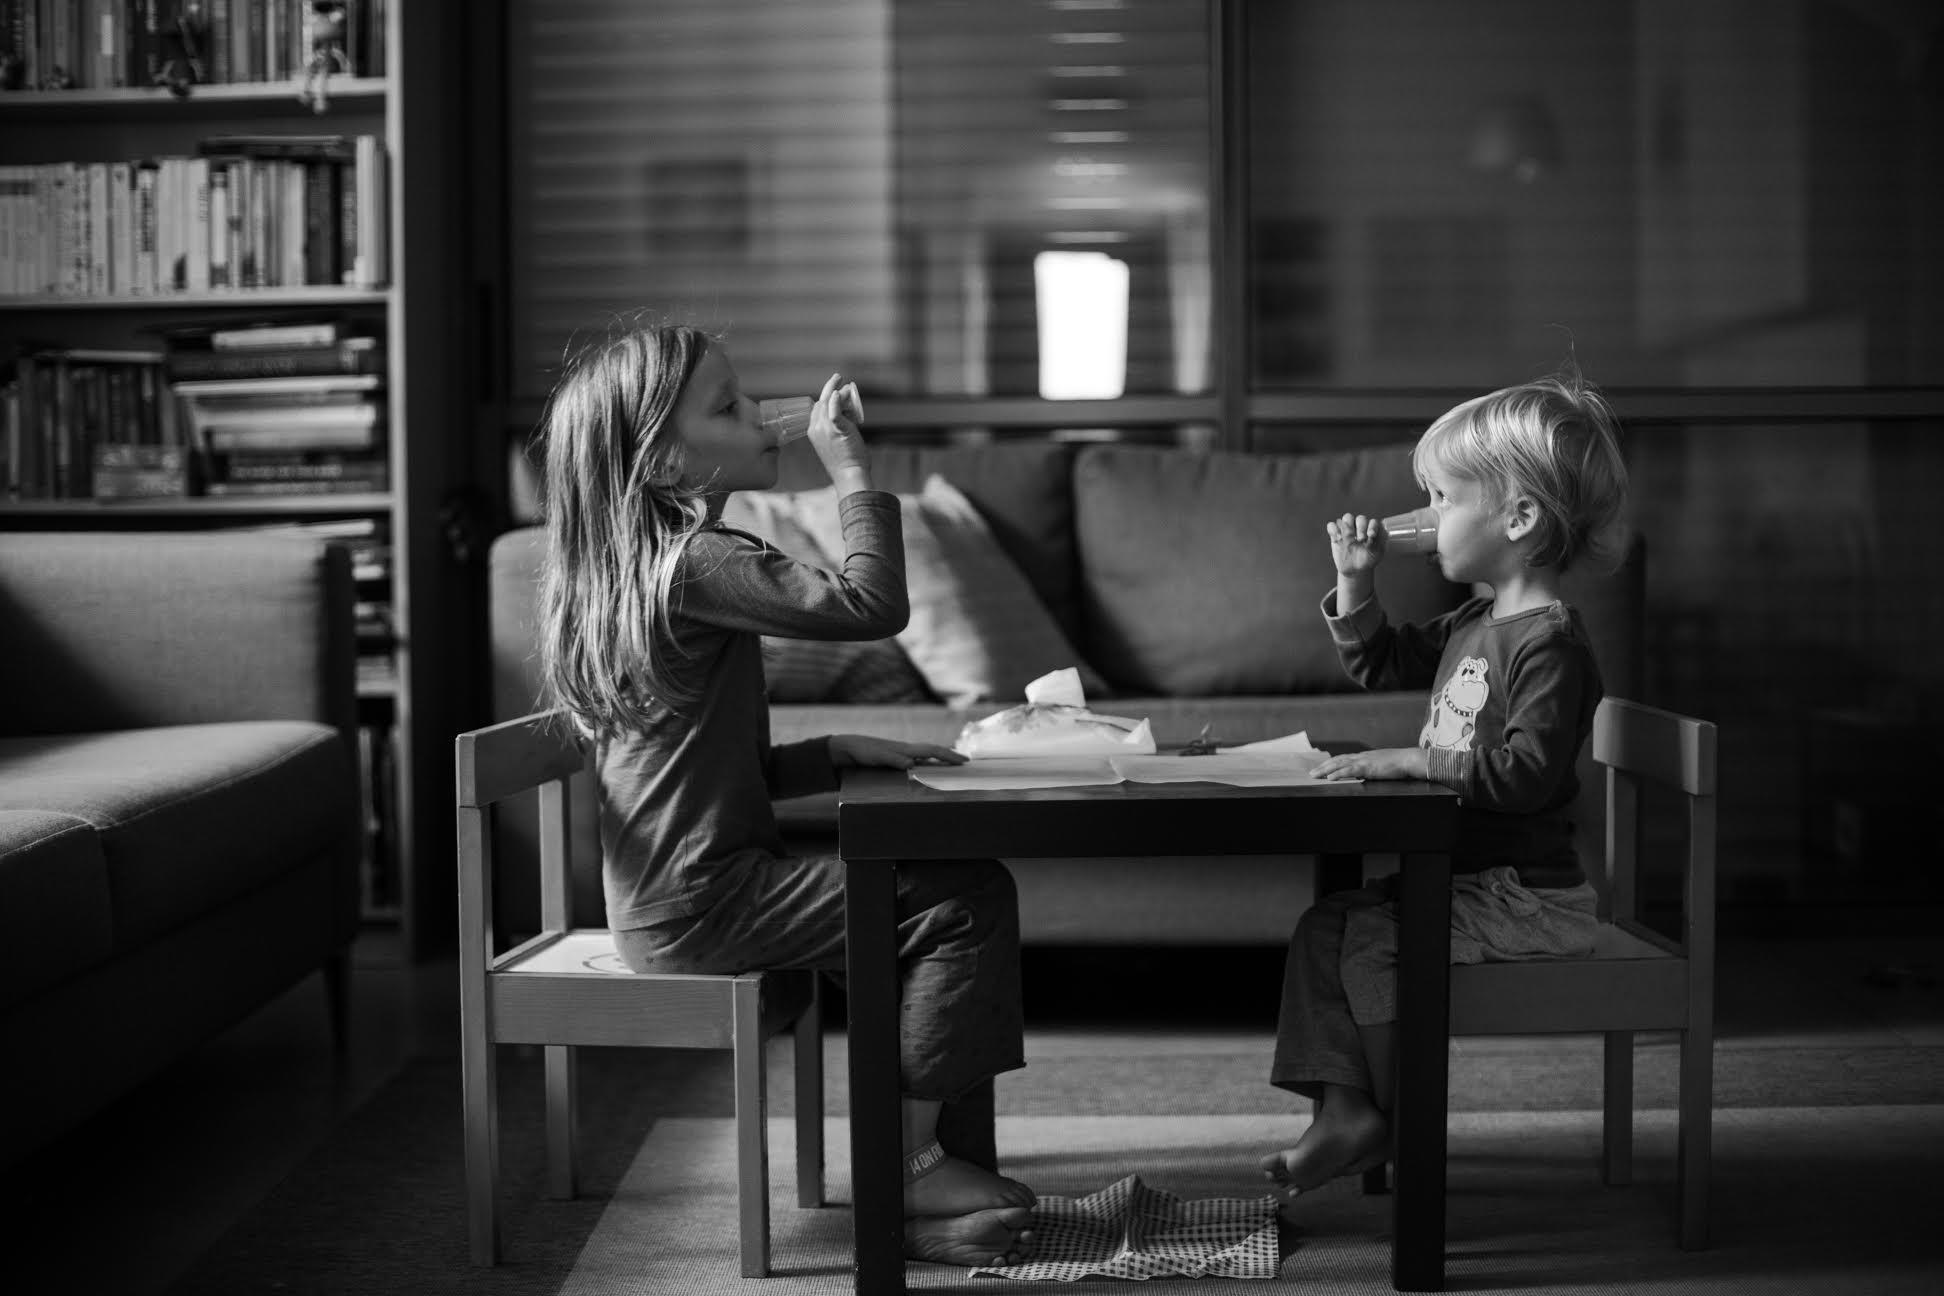 ארוחות משפחתיות. המלצות הורות רונית כפיר